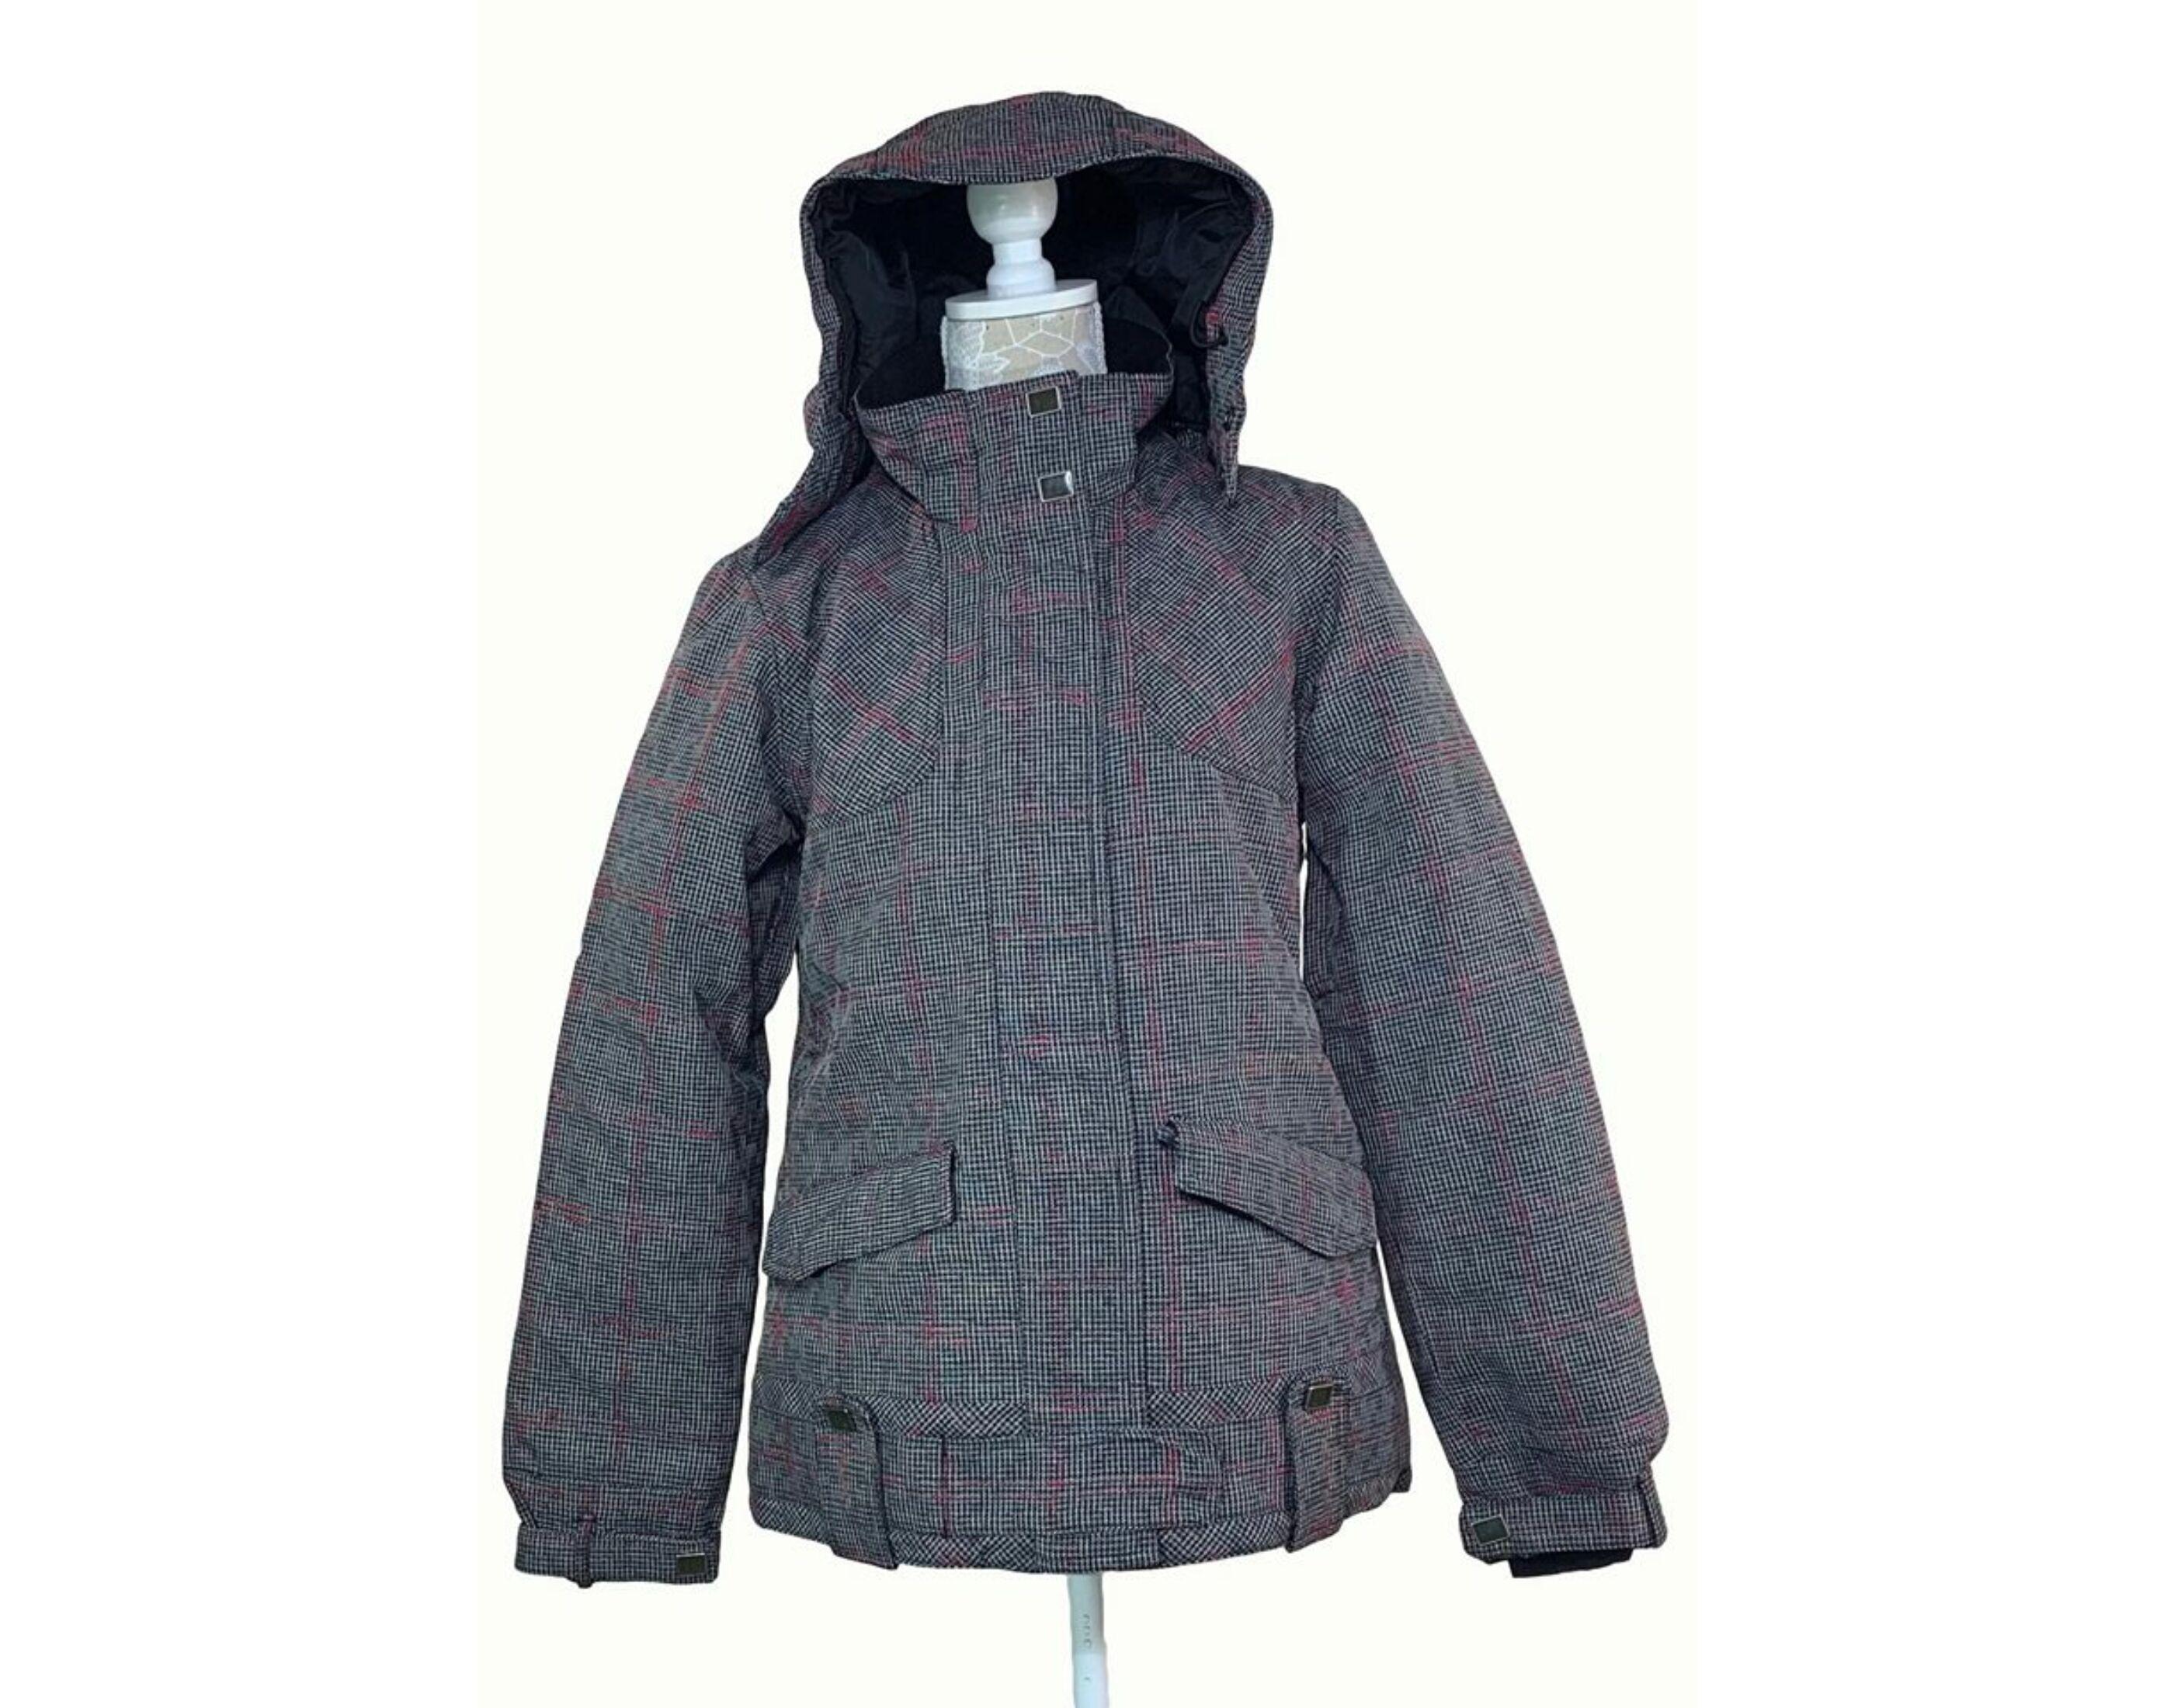 PWDR ROOM kabát (M)